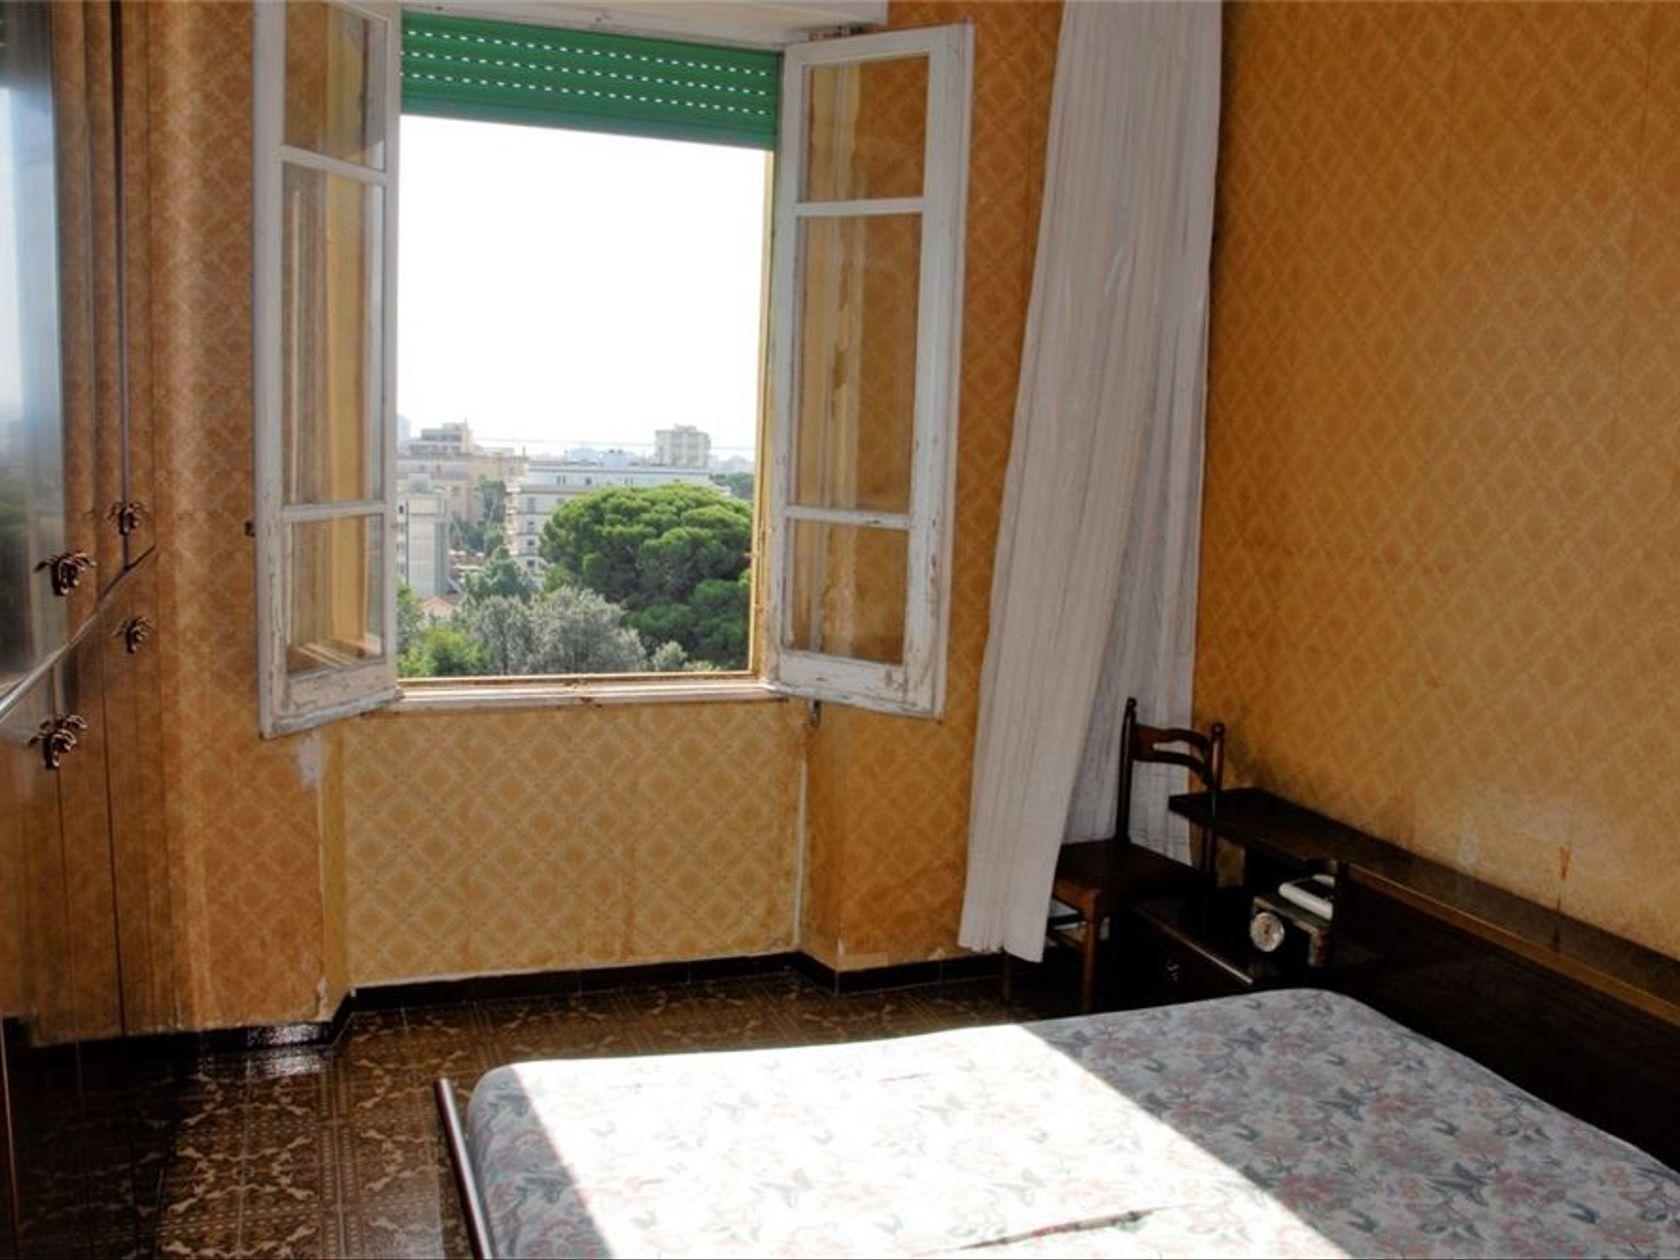 Appartamento Cagliari-punici-merello, Cagliari, CA Vendita - Foto 17